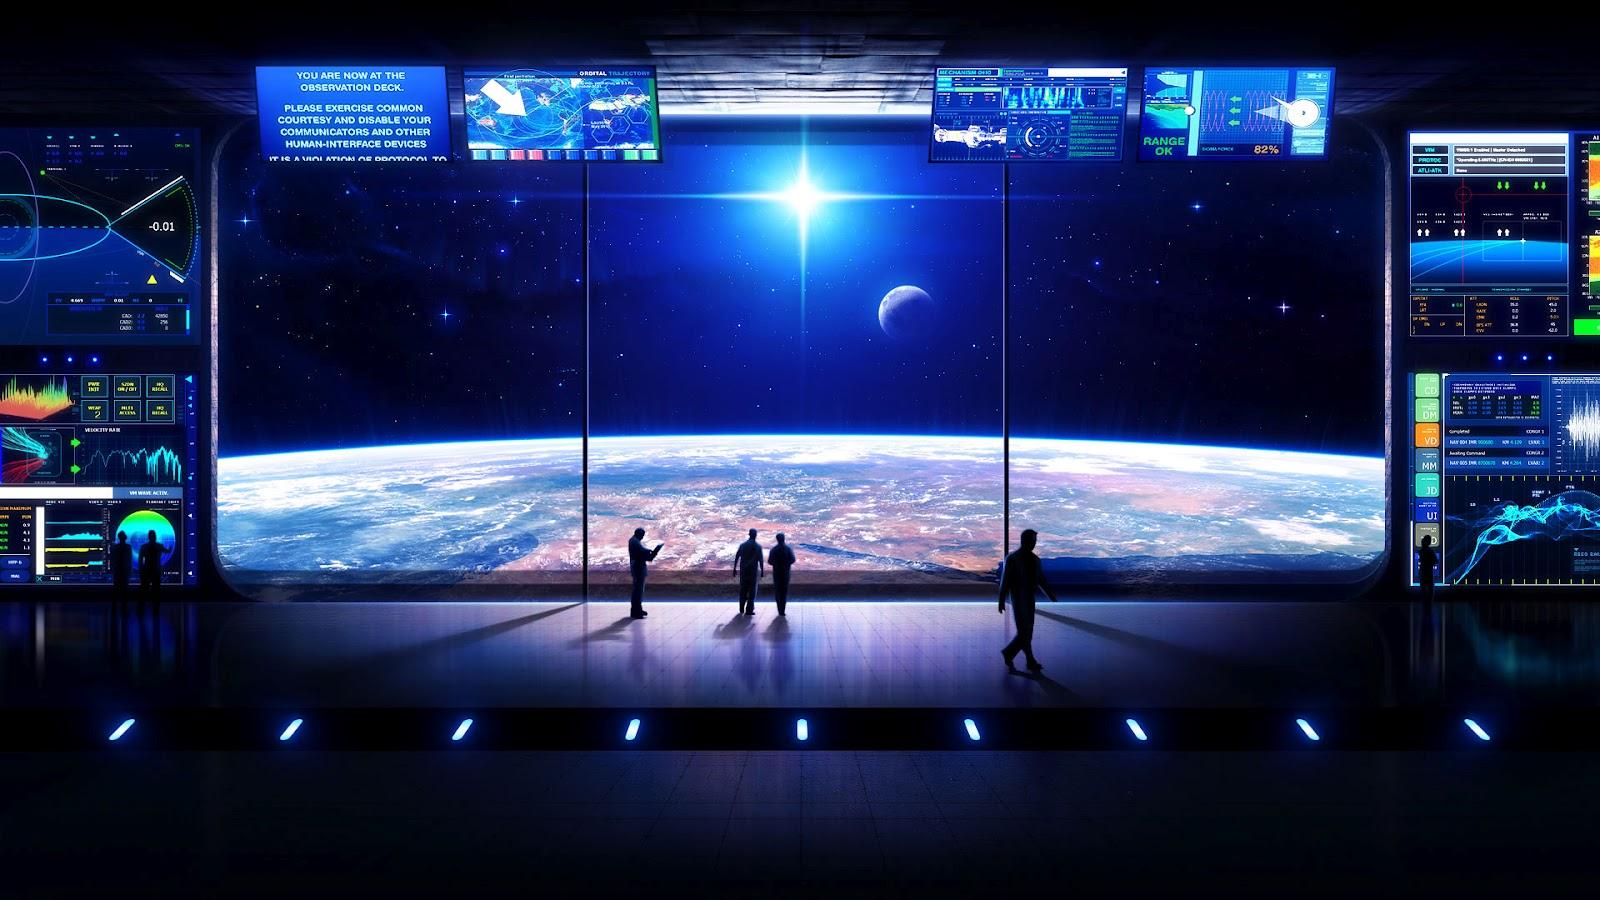 http://3.bp.blogspot.com/-8jRjwTAYo7I/UDNaIc_gy8I/AAAAAAAAHGo/uYEiSWz98uM/s1600/space-wallpaper-5.jpg